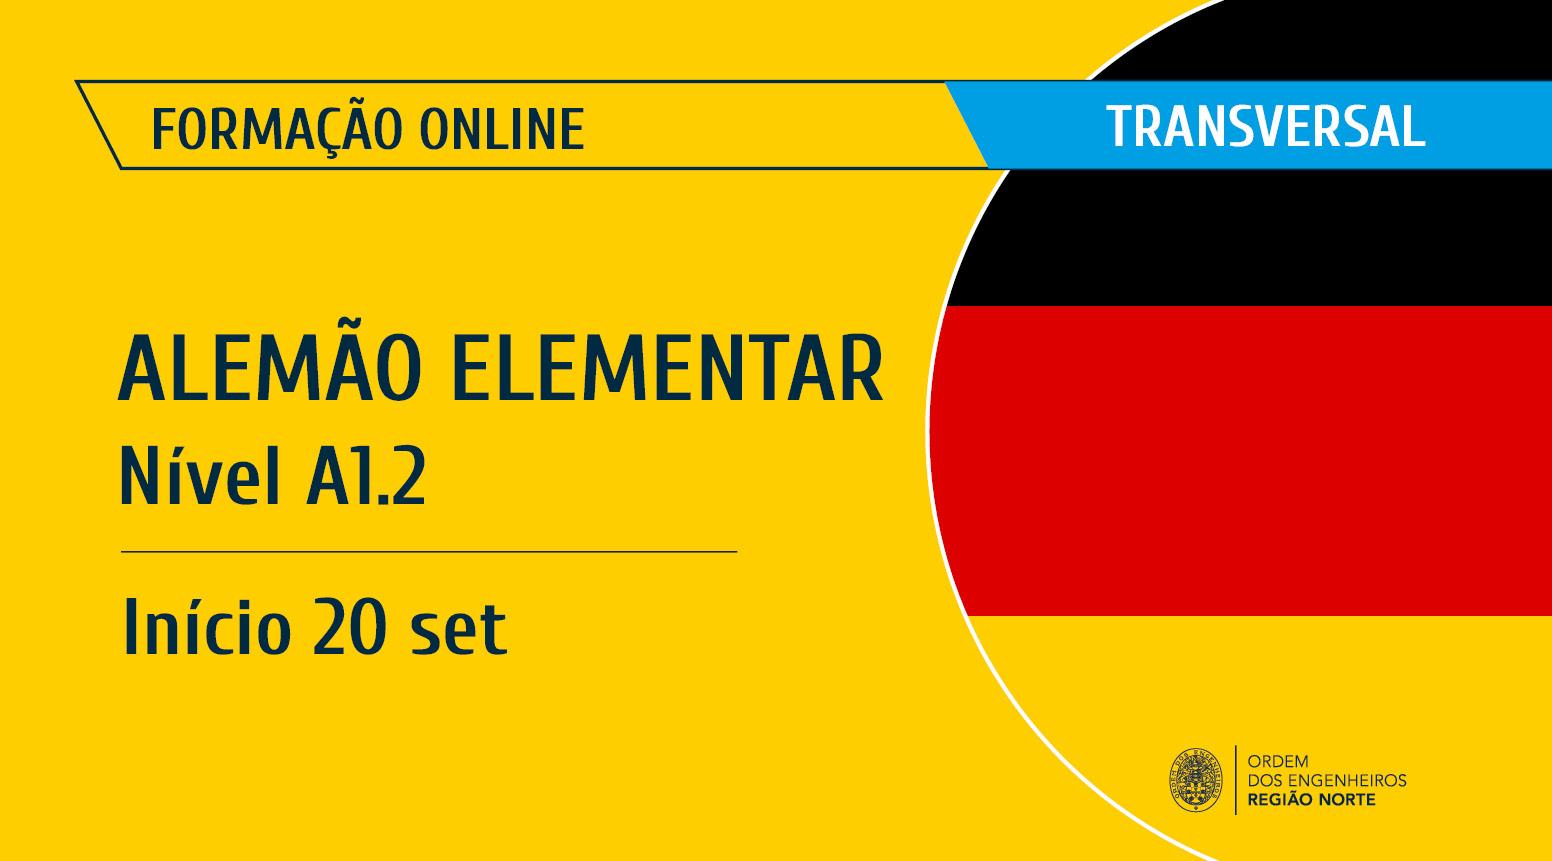 Plataforma Notícias Ordem Engenheiros Região Norte - [Formação] Alemão – Elementar – Nível A1.2